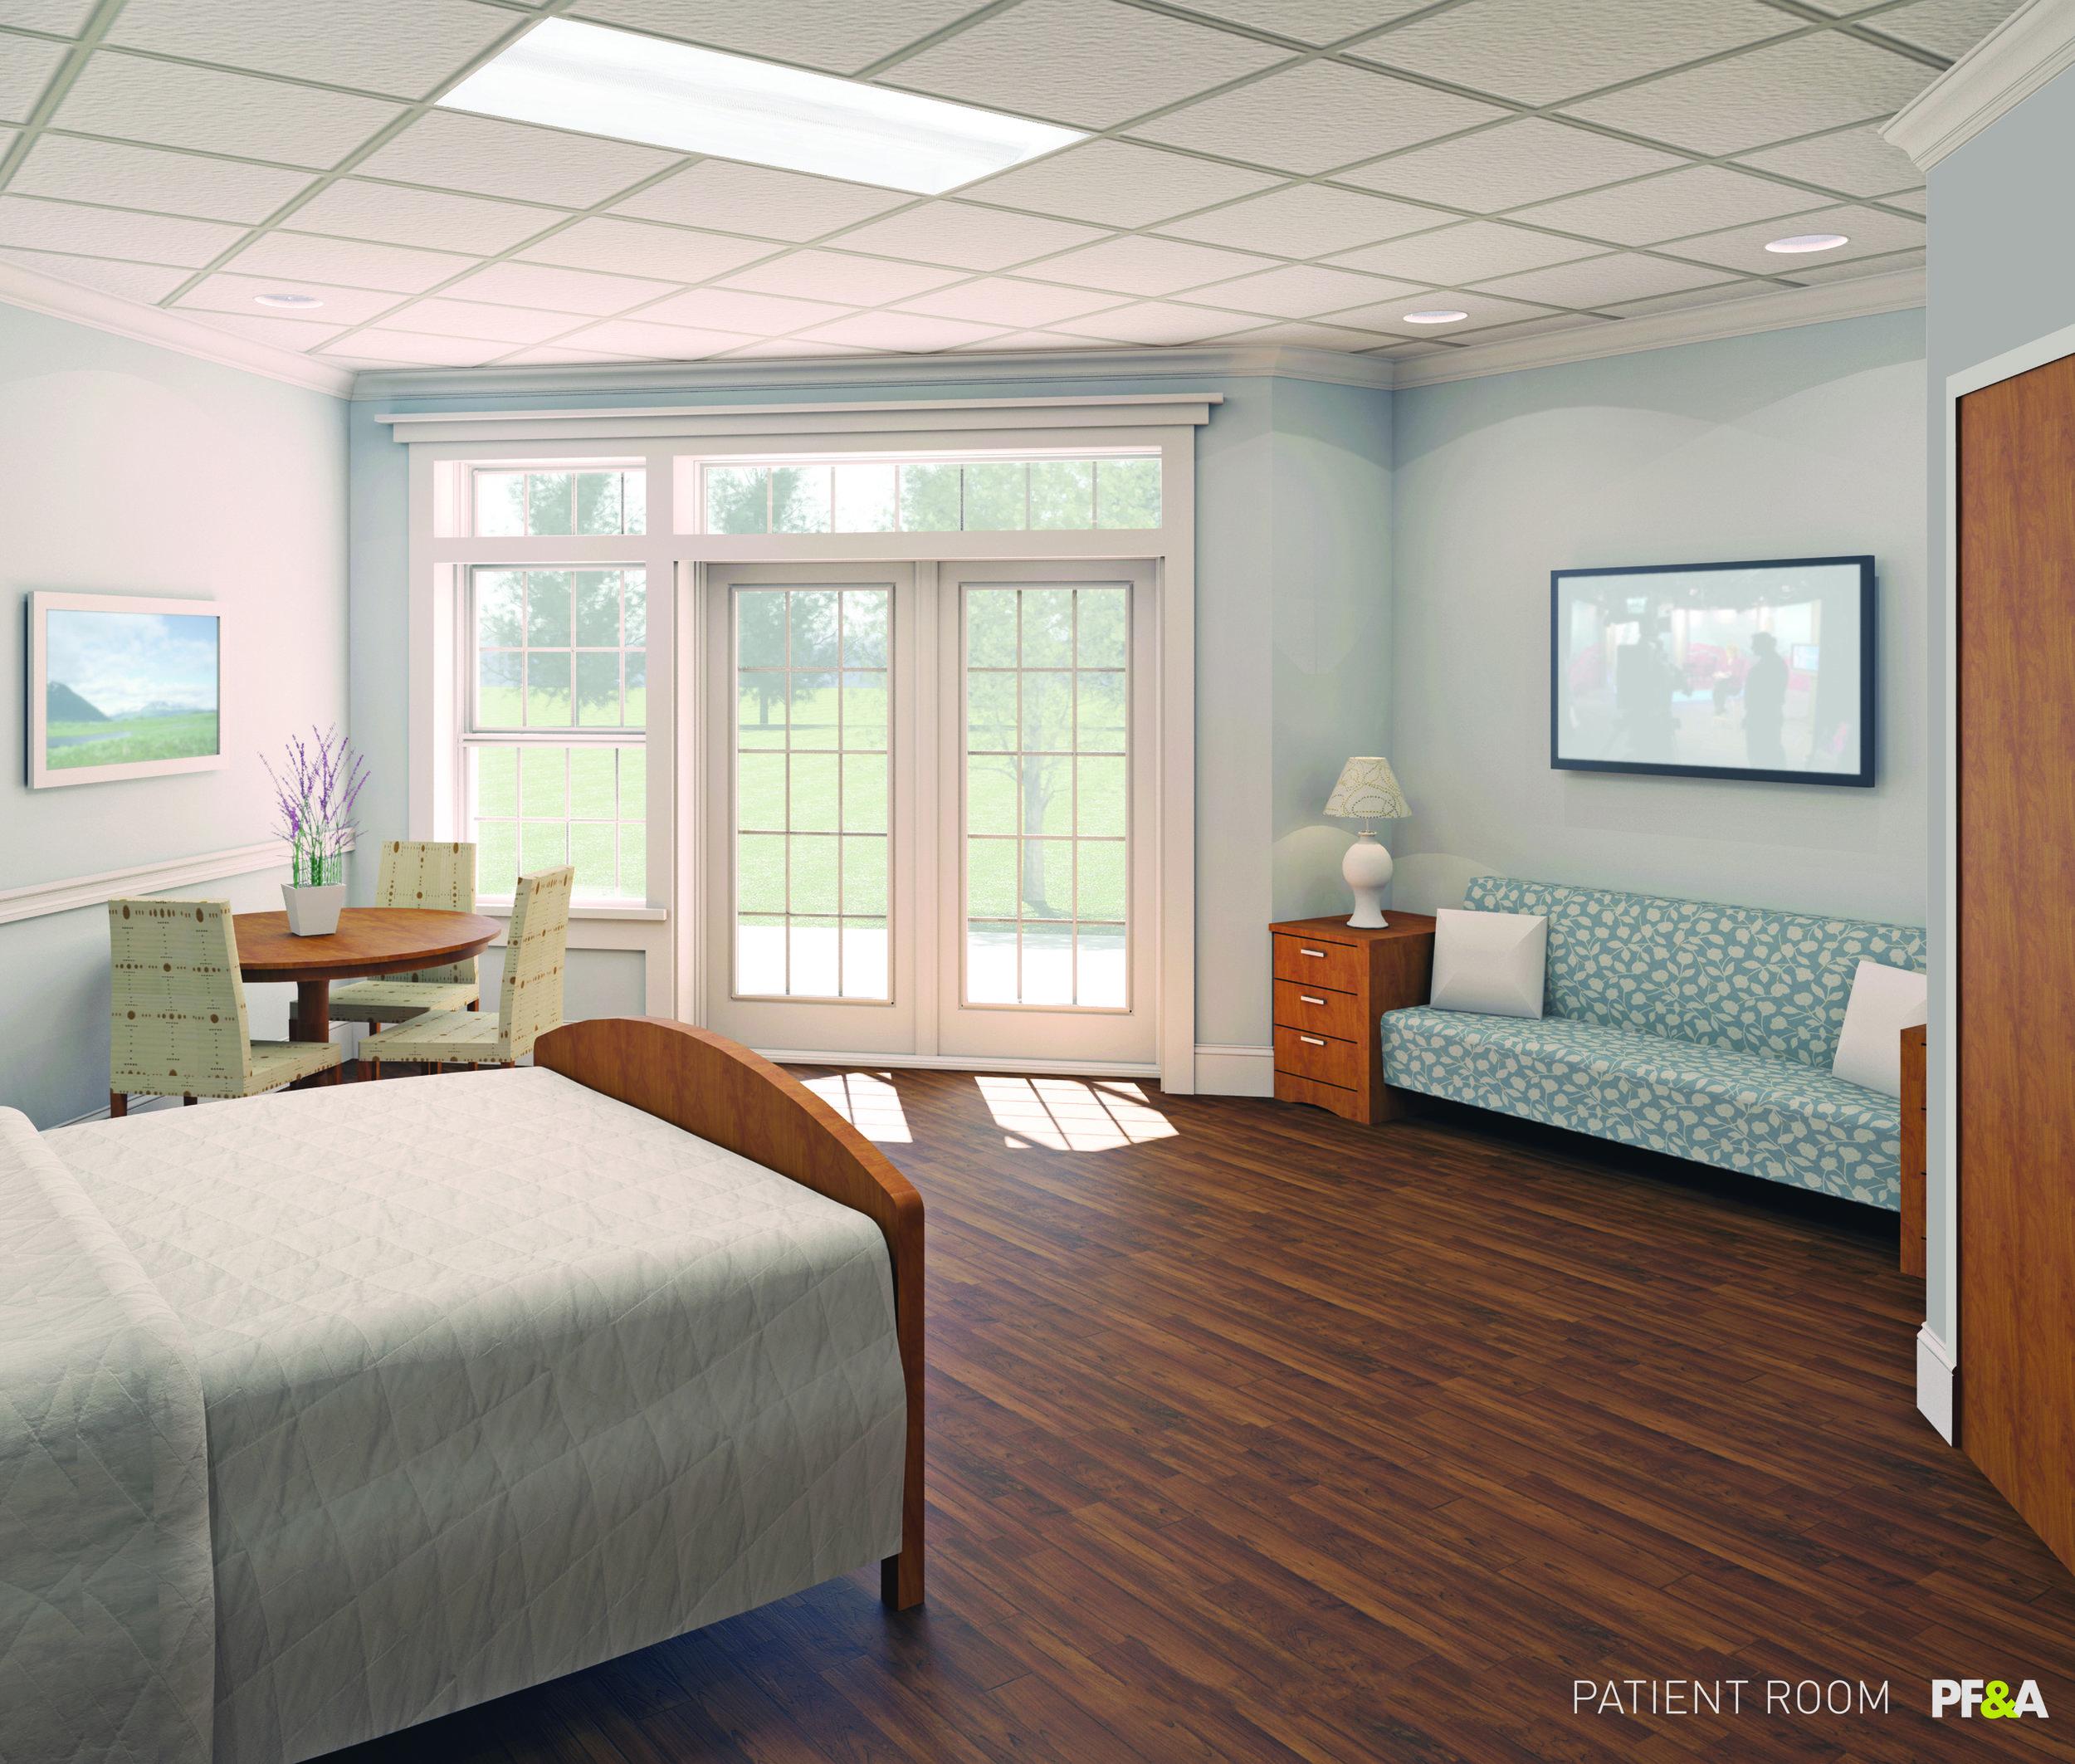 05_Patient Room.jpeg